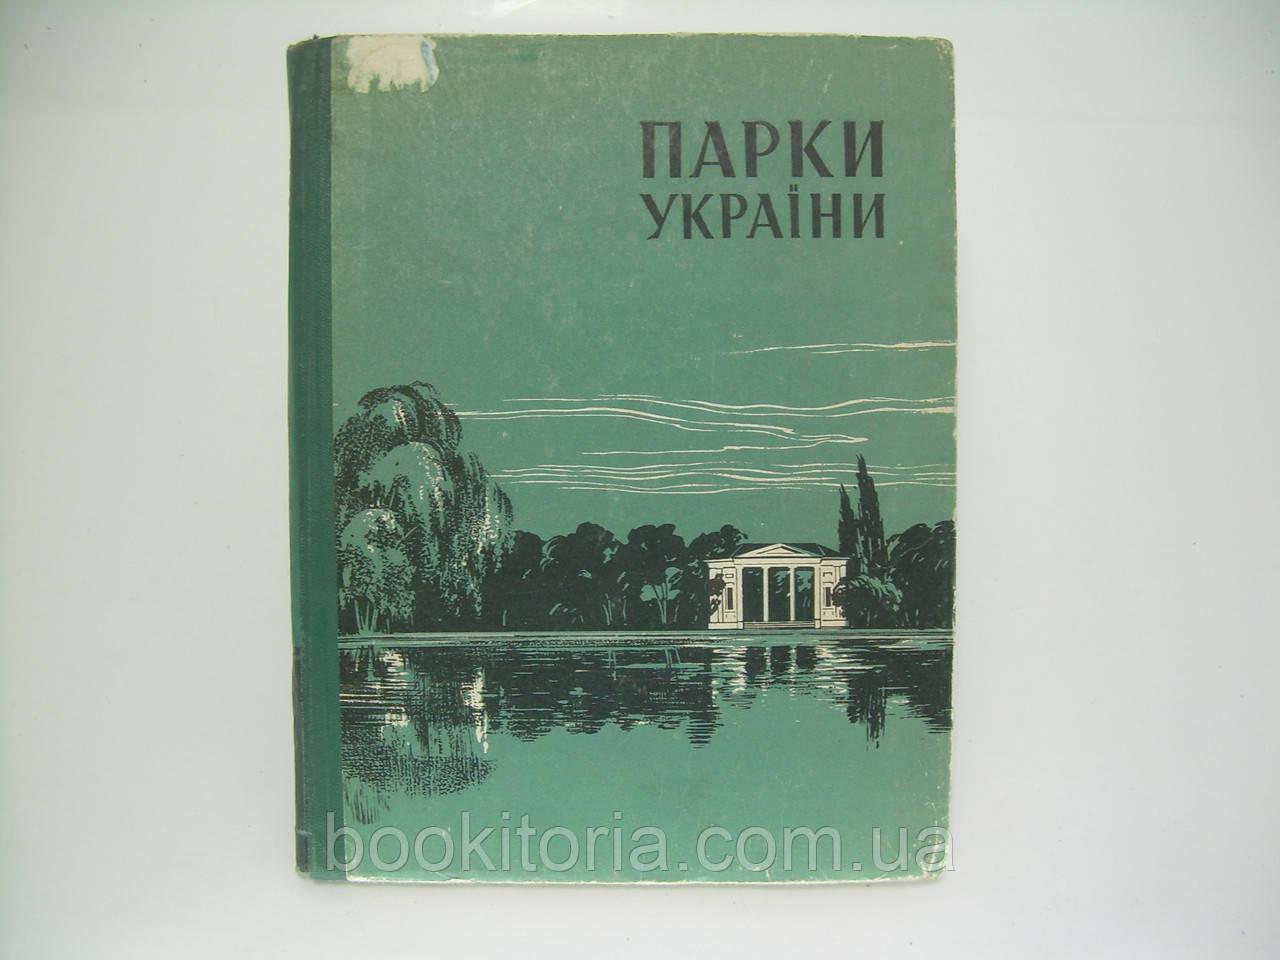 Косаревський І.О. Парки України (б/у).